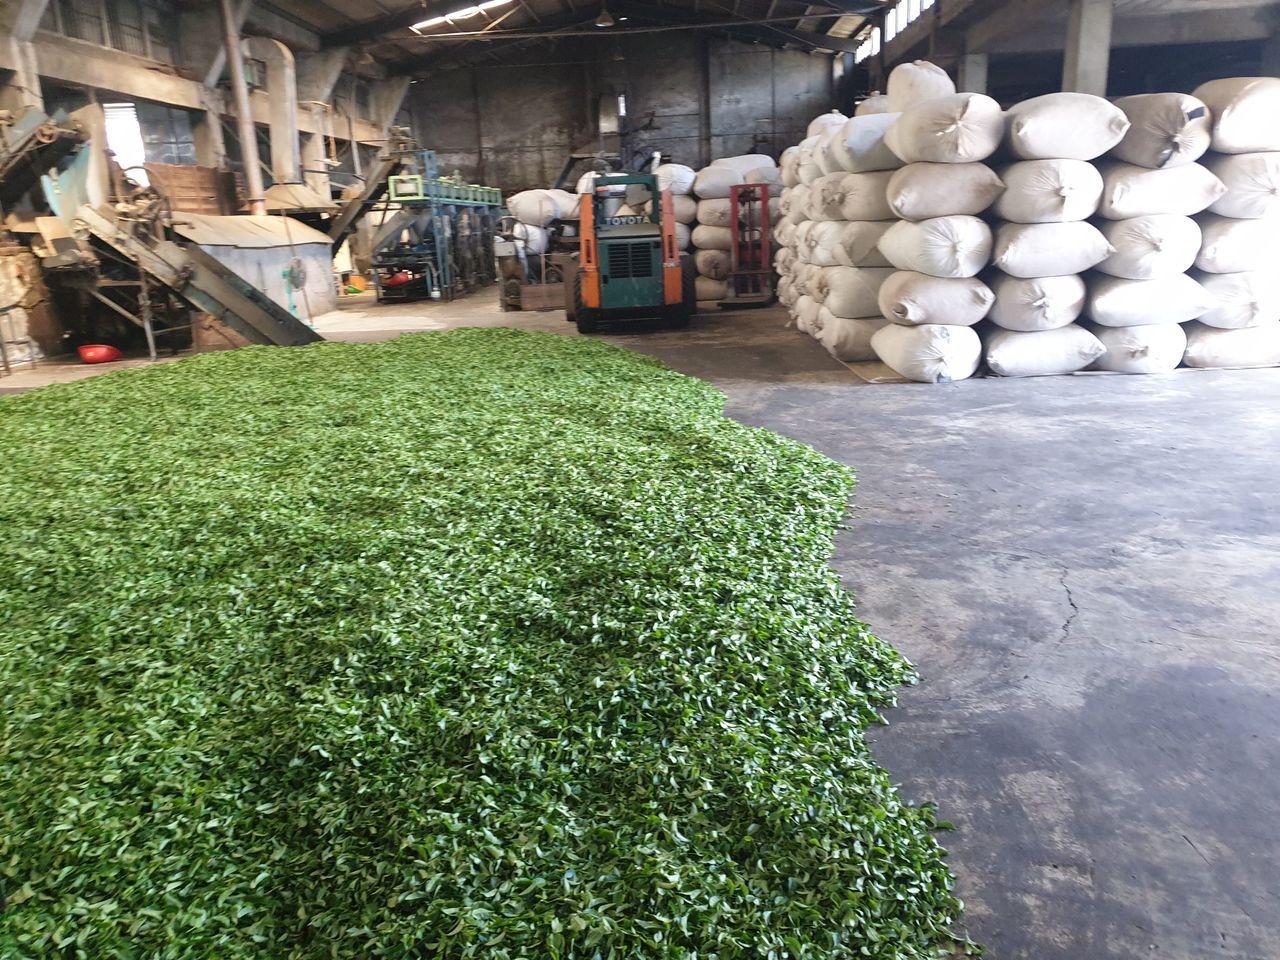 關西鎮長劉德樑到製茶廠訪查,發現有許多製造好的茶葉成品,一包包堆疊起來,倉庫整個...